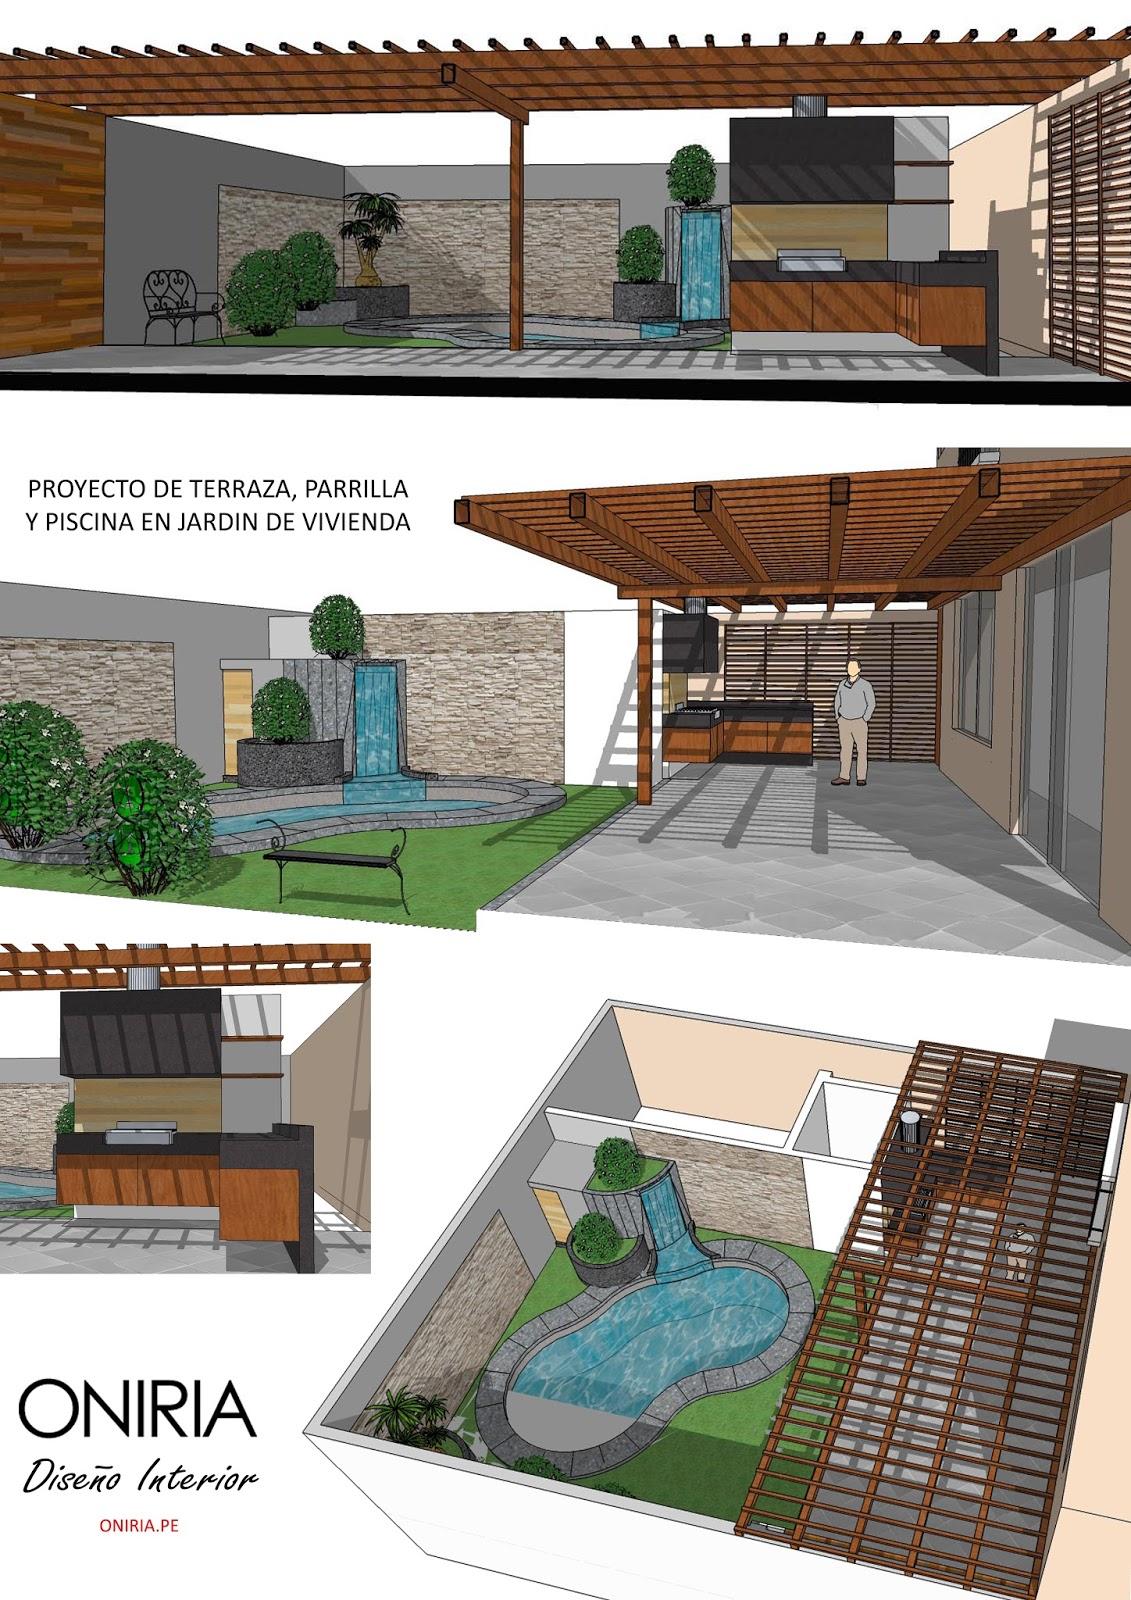 Oniria dise o y ejecuci n de terrazas y parrillas for Terrazas y piscinas